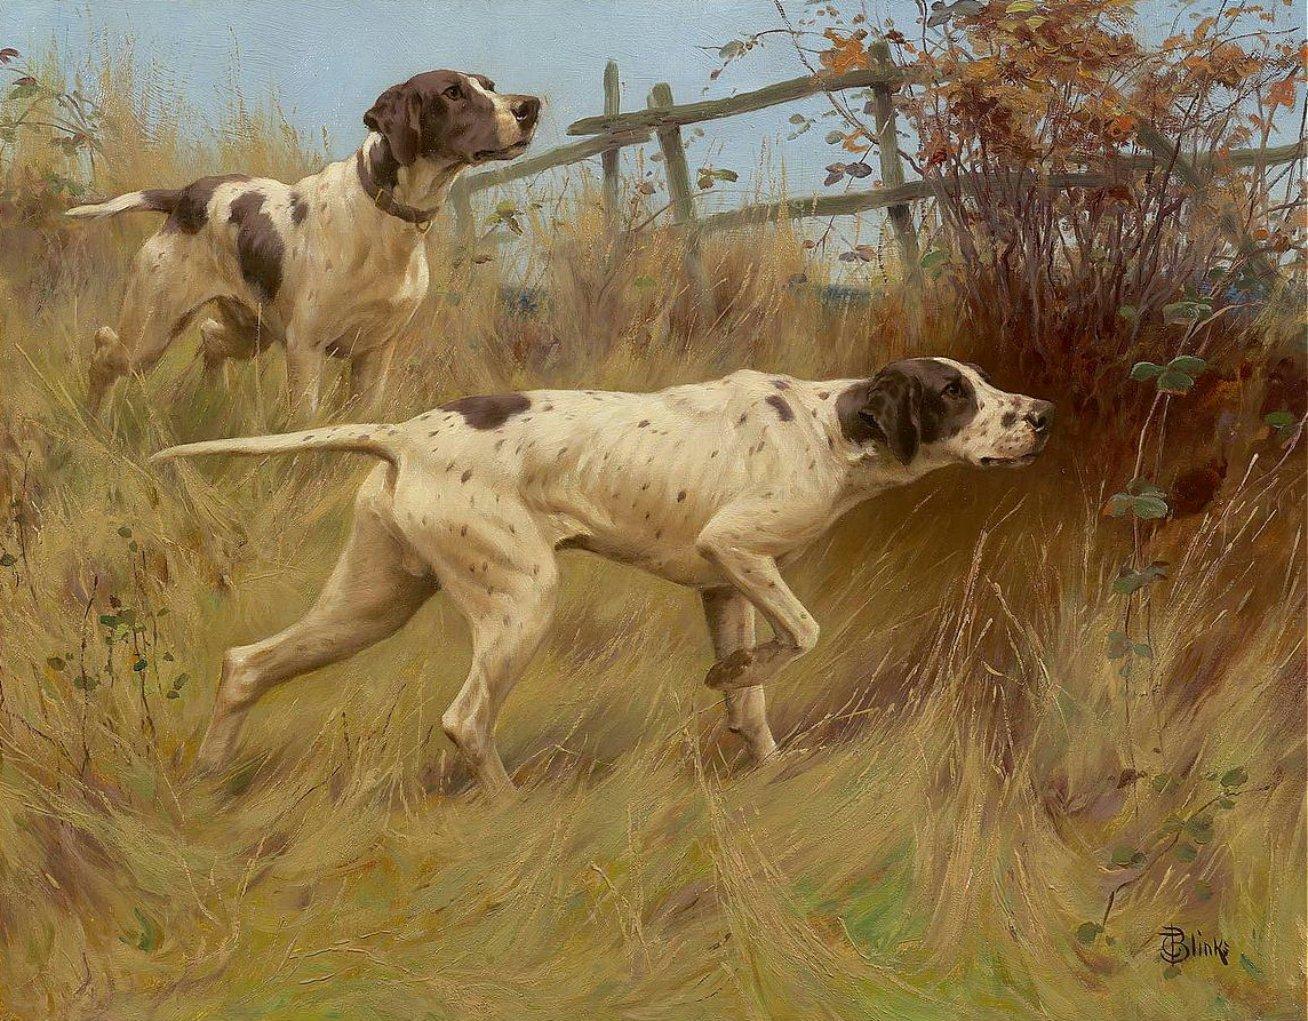 A GOOD POINT Två Pointer jakt hundar av THOMAS BLINKS Konsttryck på duk